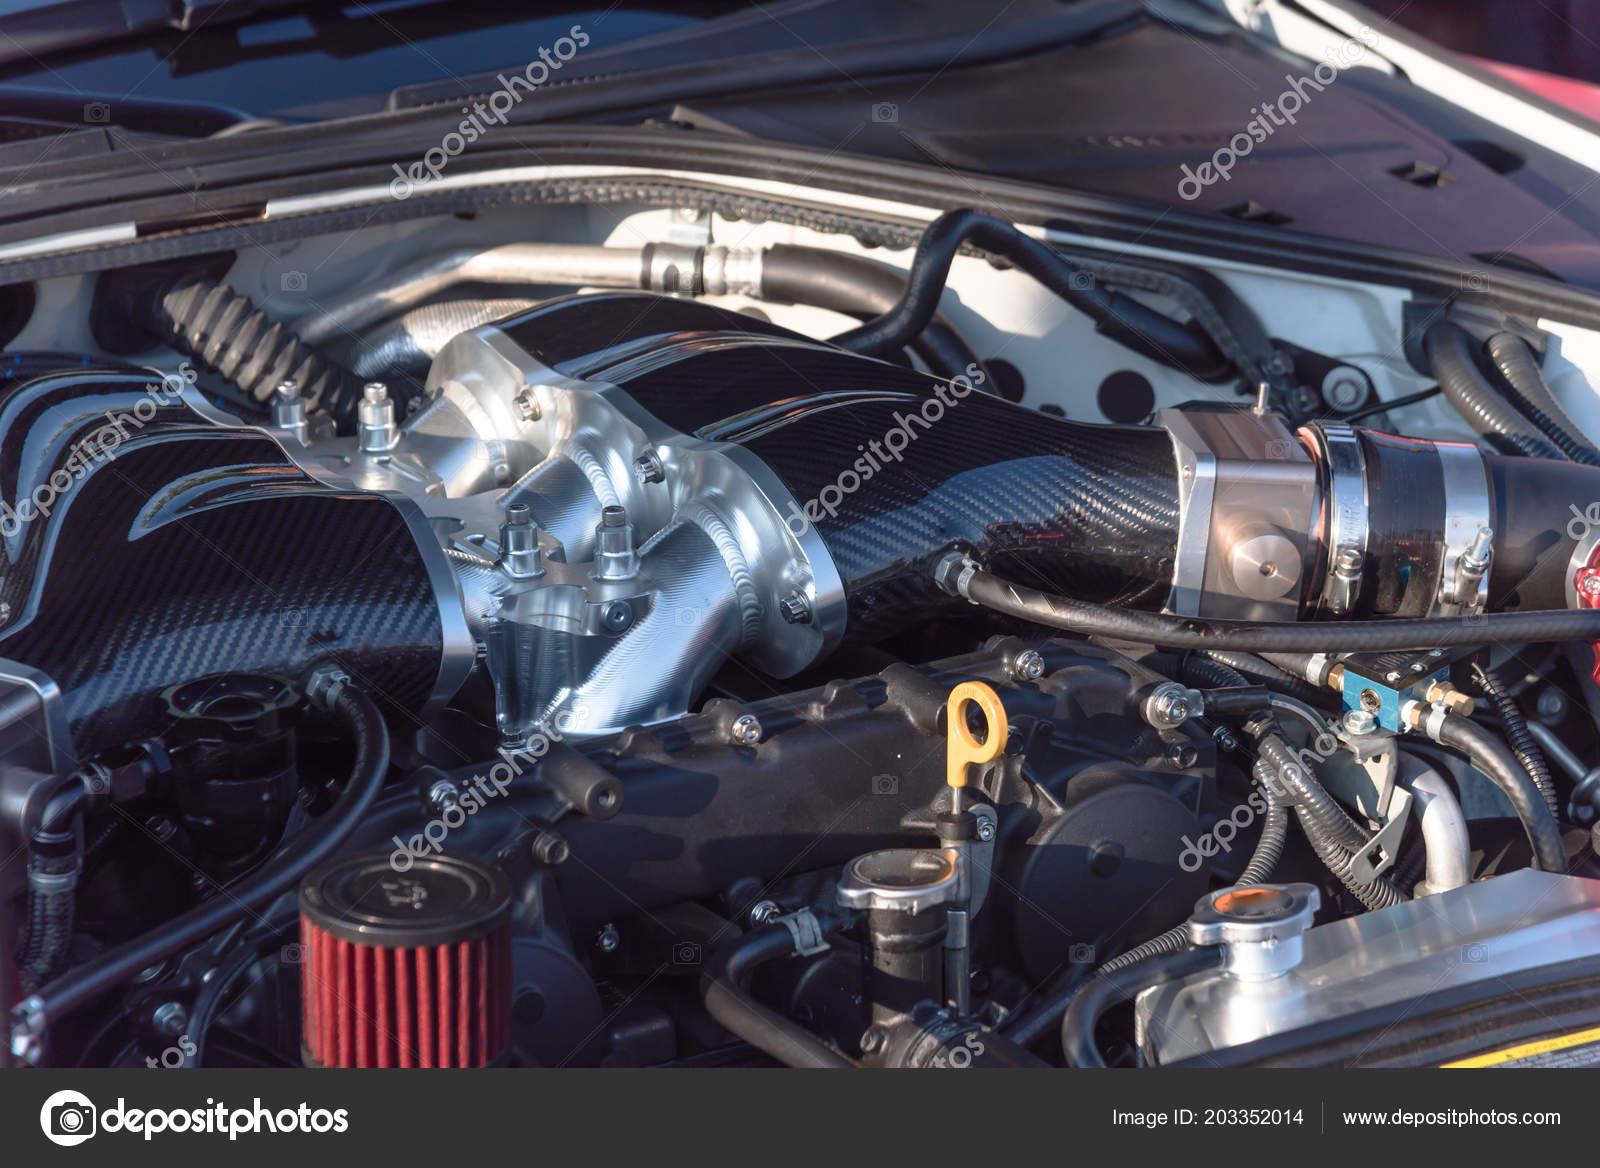 af2d471804 Modern Nagy Teljesítményű Autó Motor Részlet Tiszta Sport Autó Autóalkatrész  — Stock Fotó